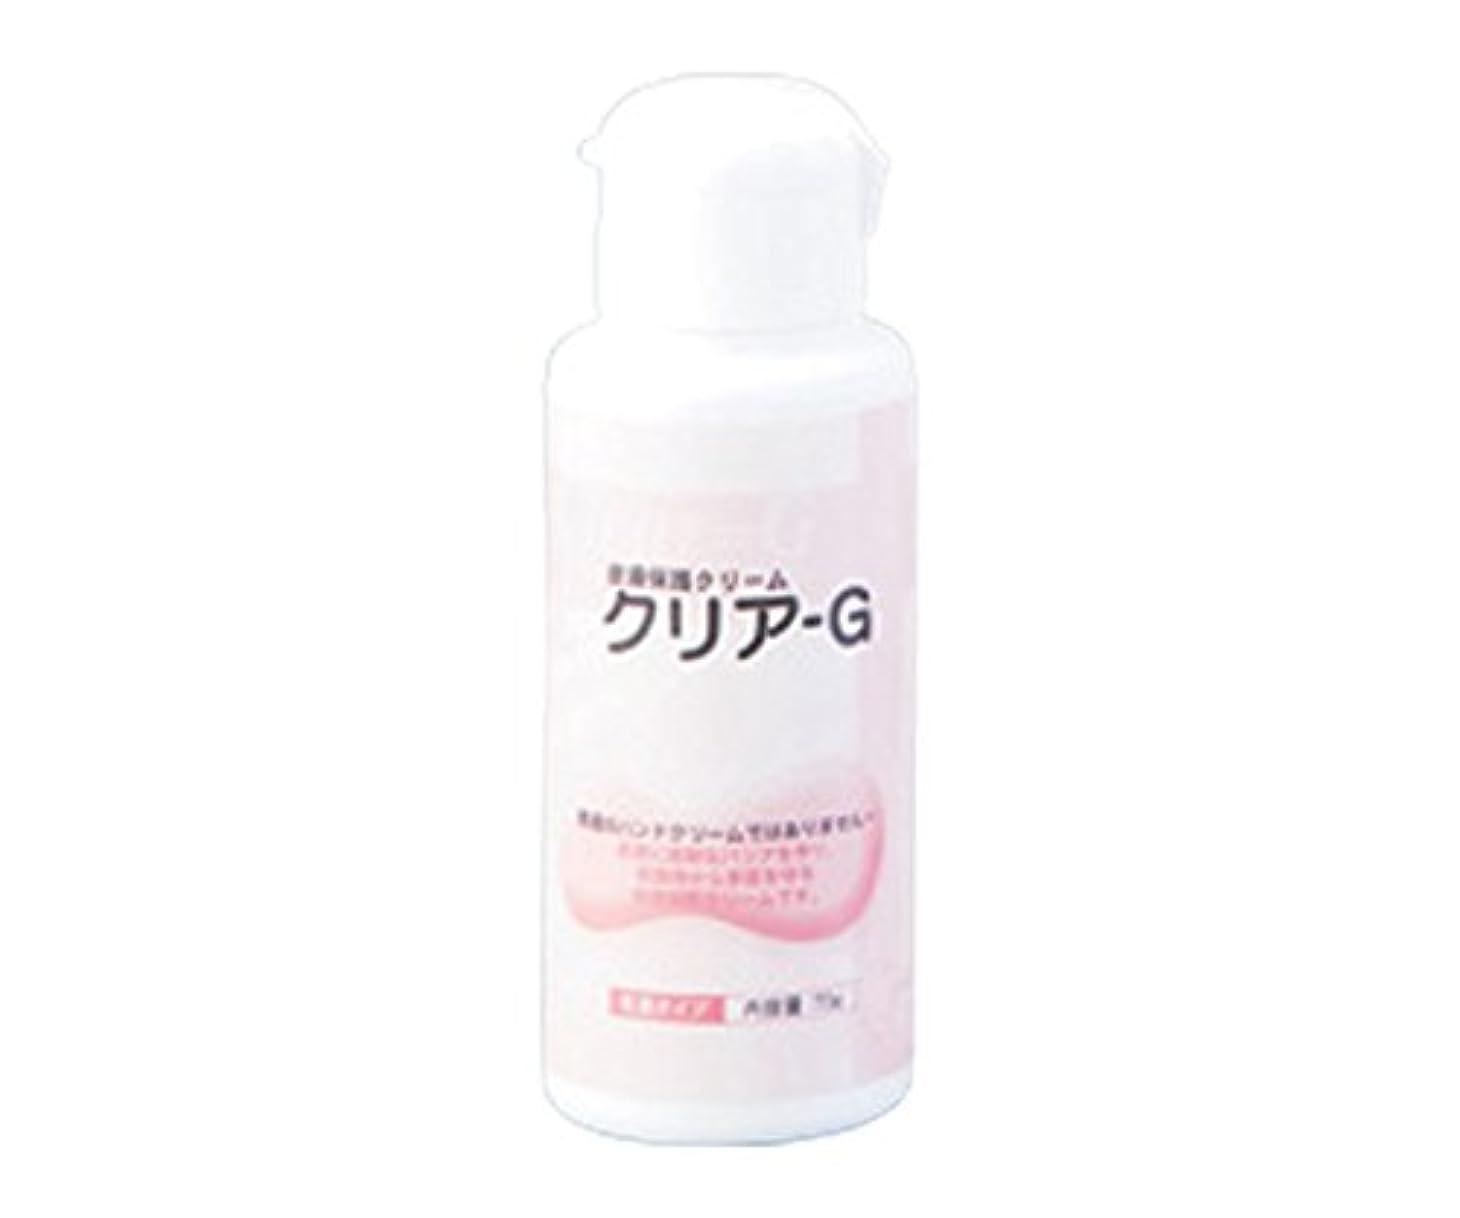 華氏ストローク牛皮膚保護クリーム(クリア-G) 70g